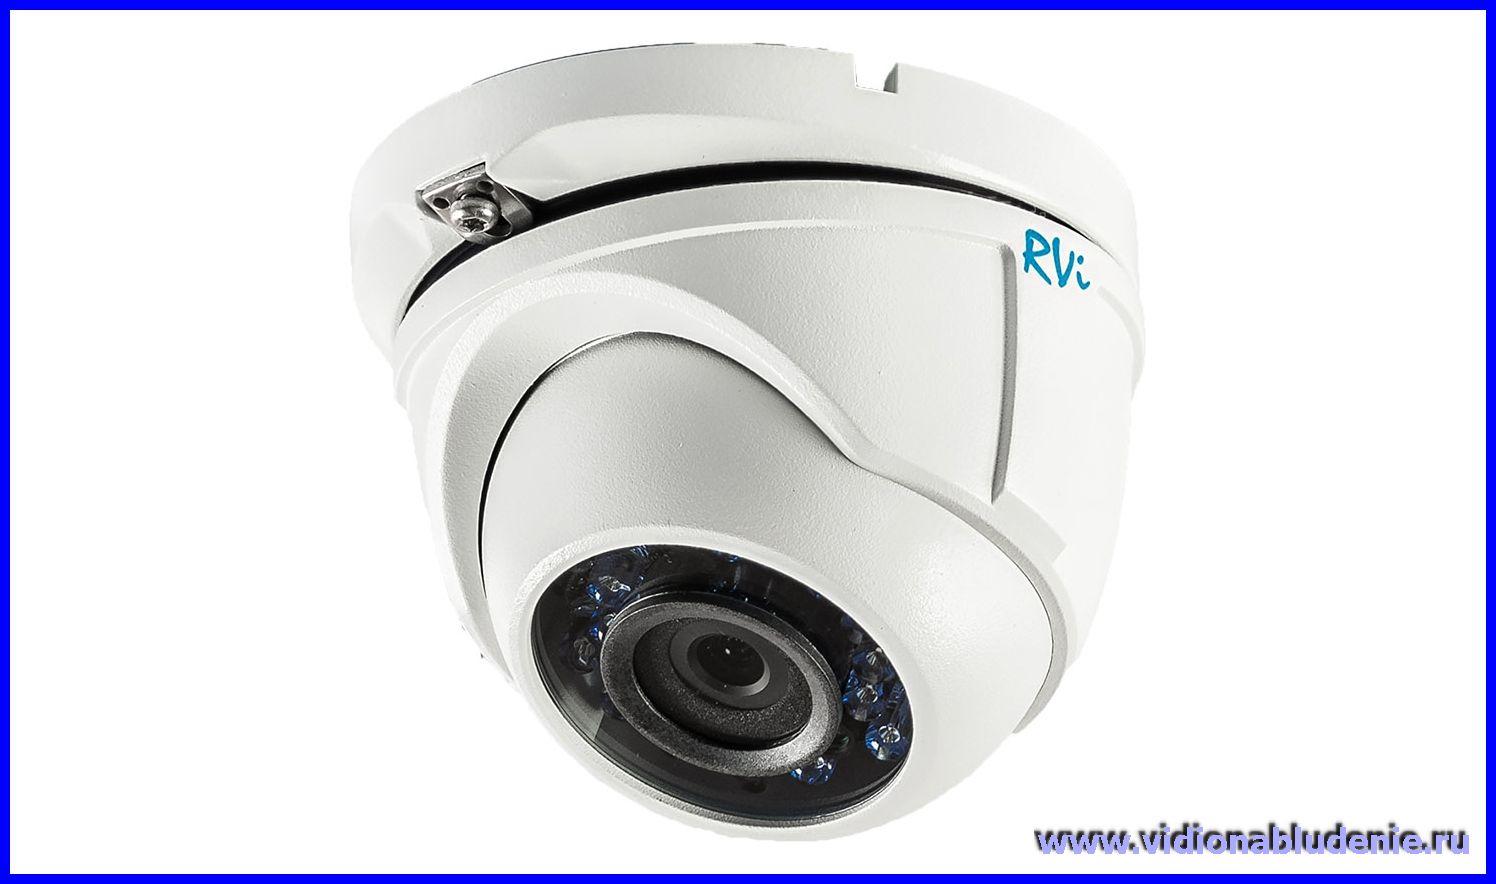 Монтаж систем видеонаблюдения любой сложности, техническое обслуживание в Балаково